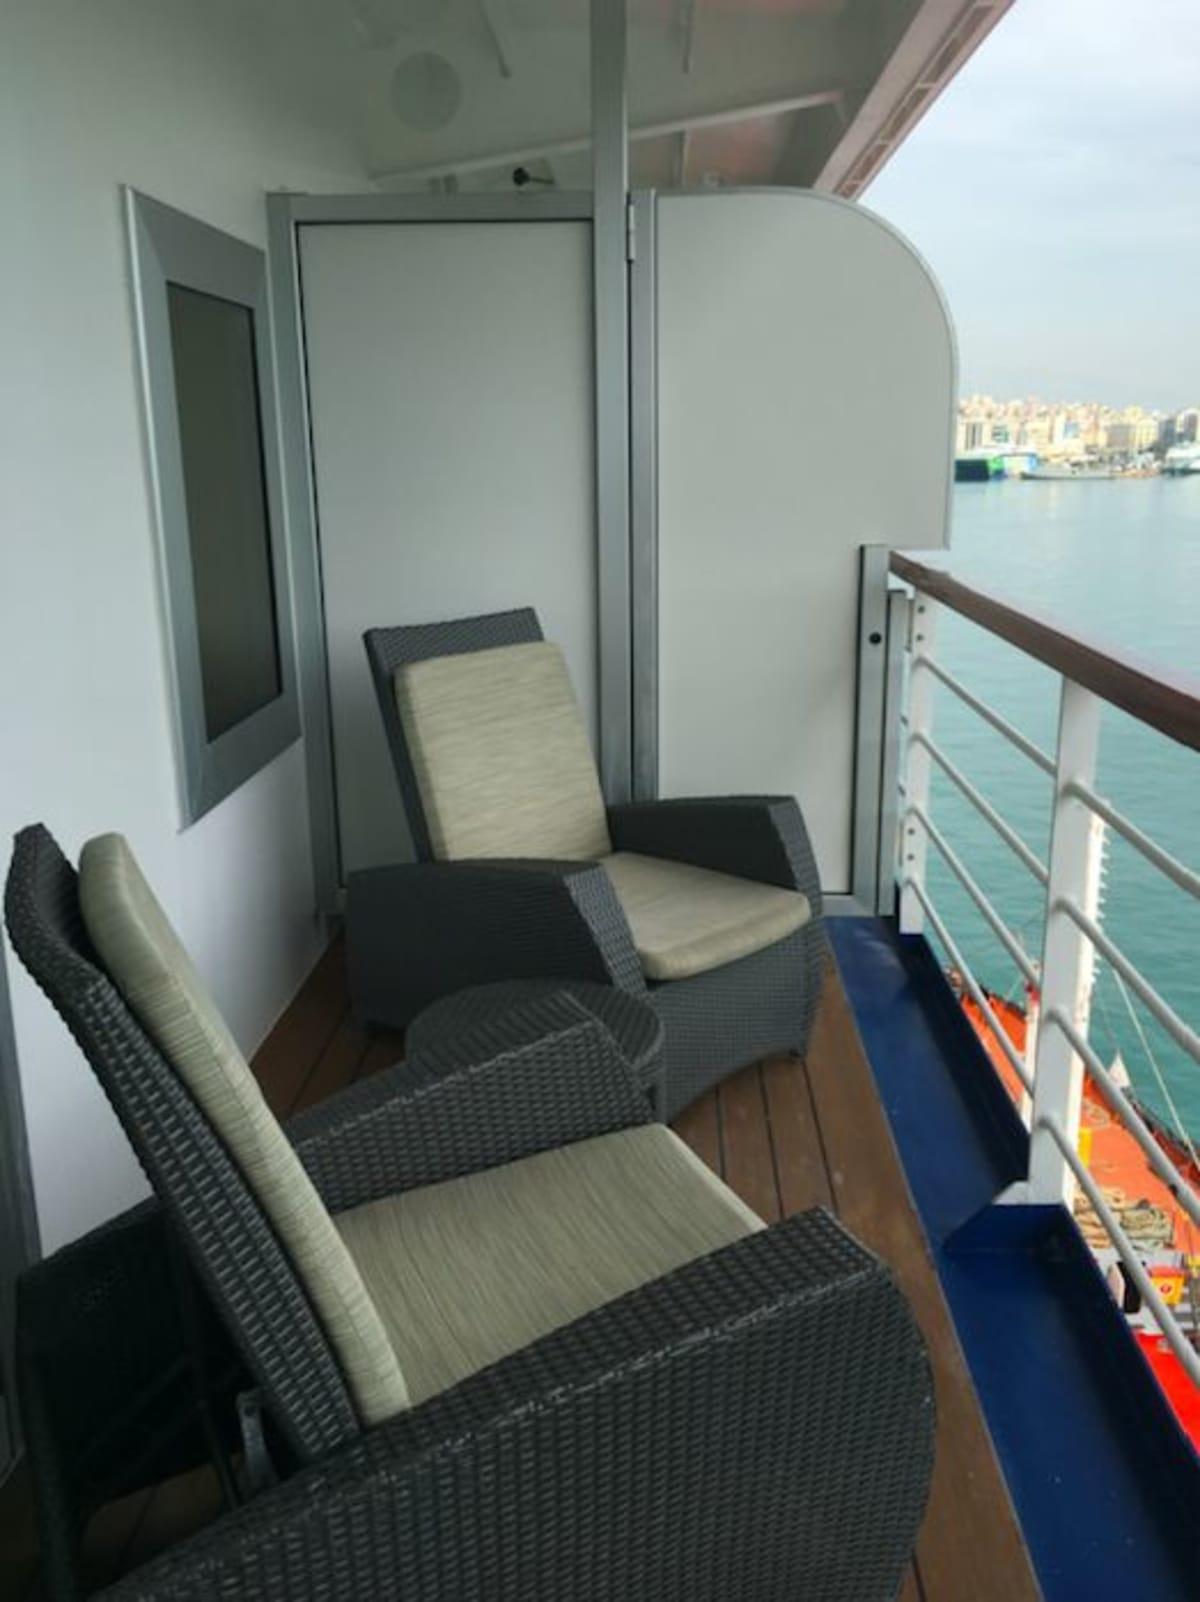 バルコニーは広くないですが、2人で過ごす分には十分な広さです。 | 客船リビエラの客室